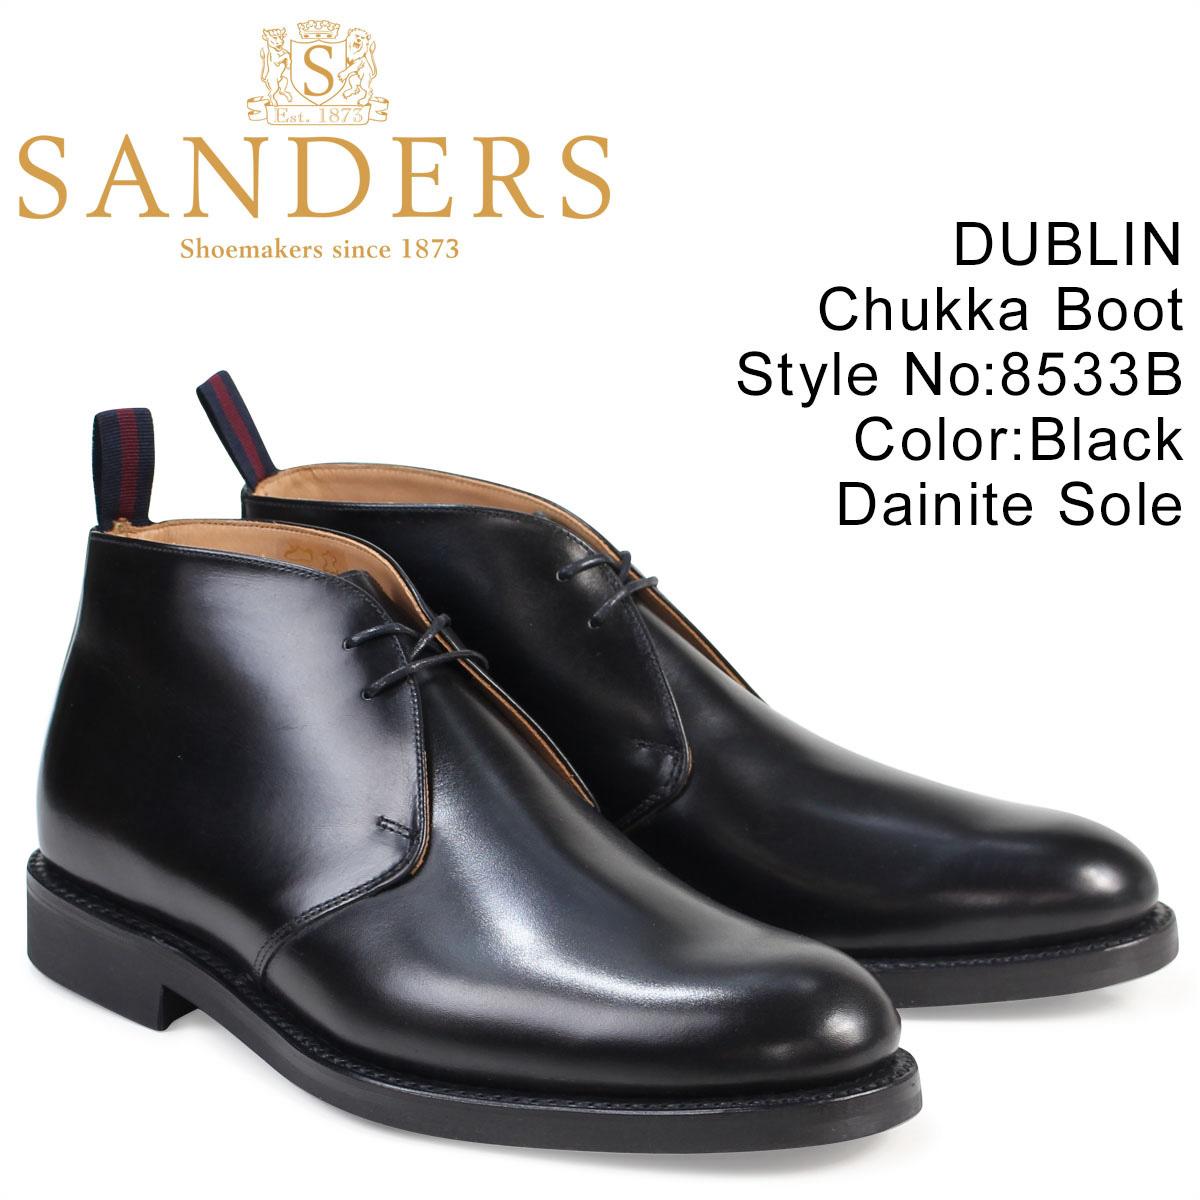 SANDERS 靴 サンダース ミリタリー チャッカブーツ ビジネス DUBLIN 8533B メンズ ブラック